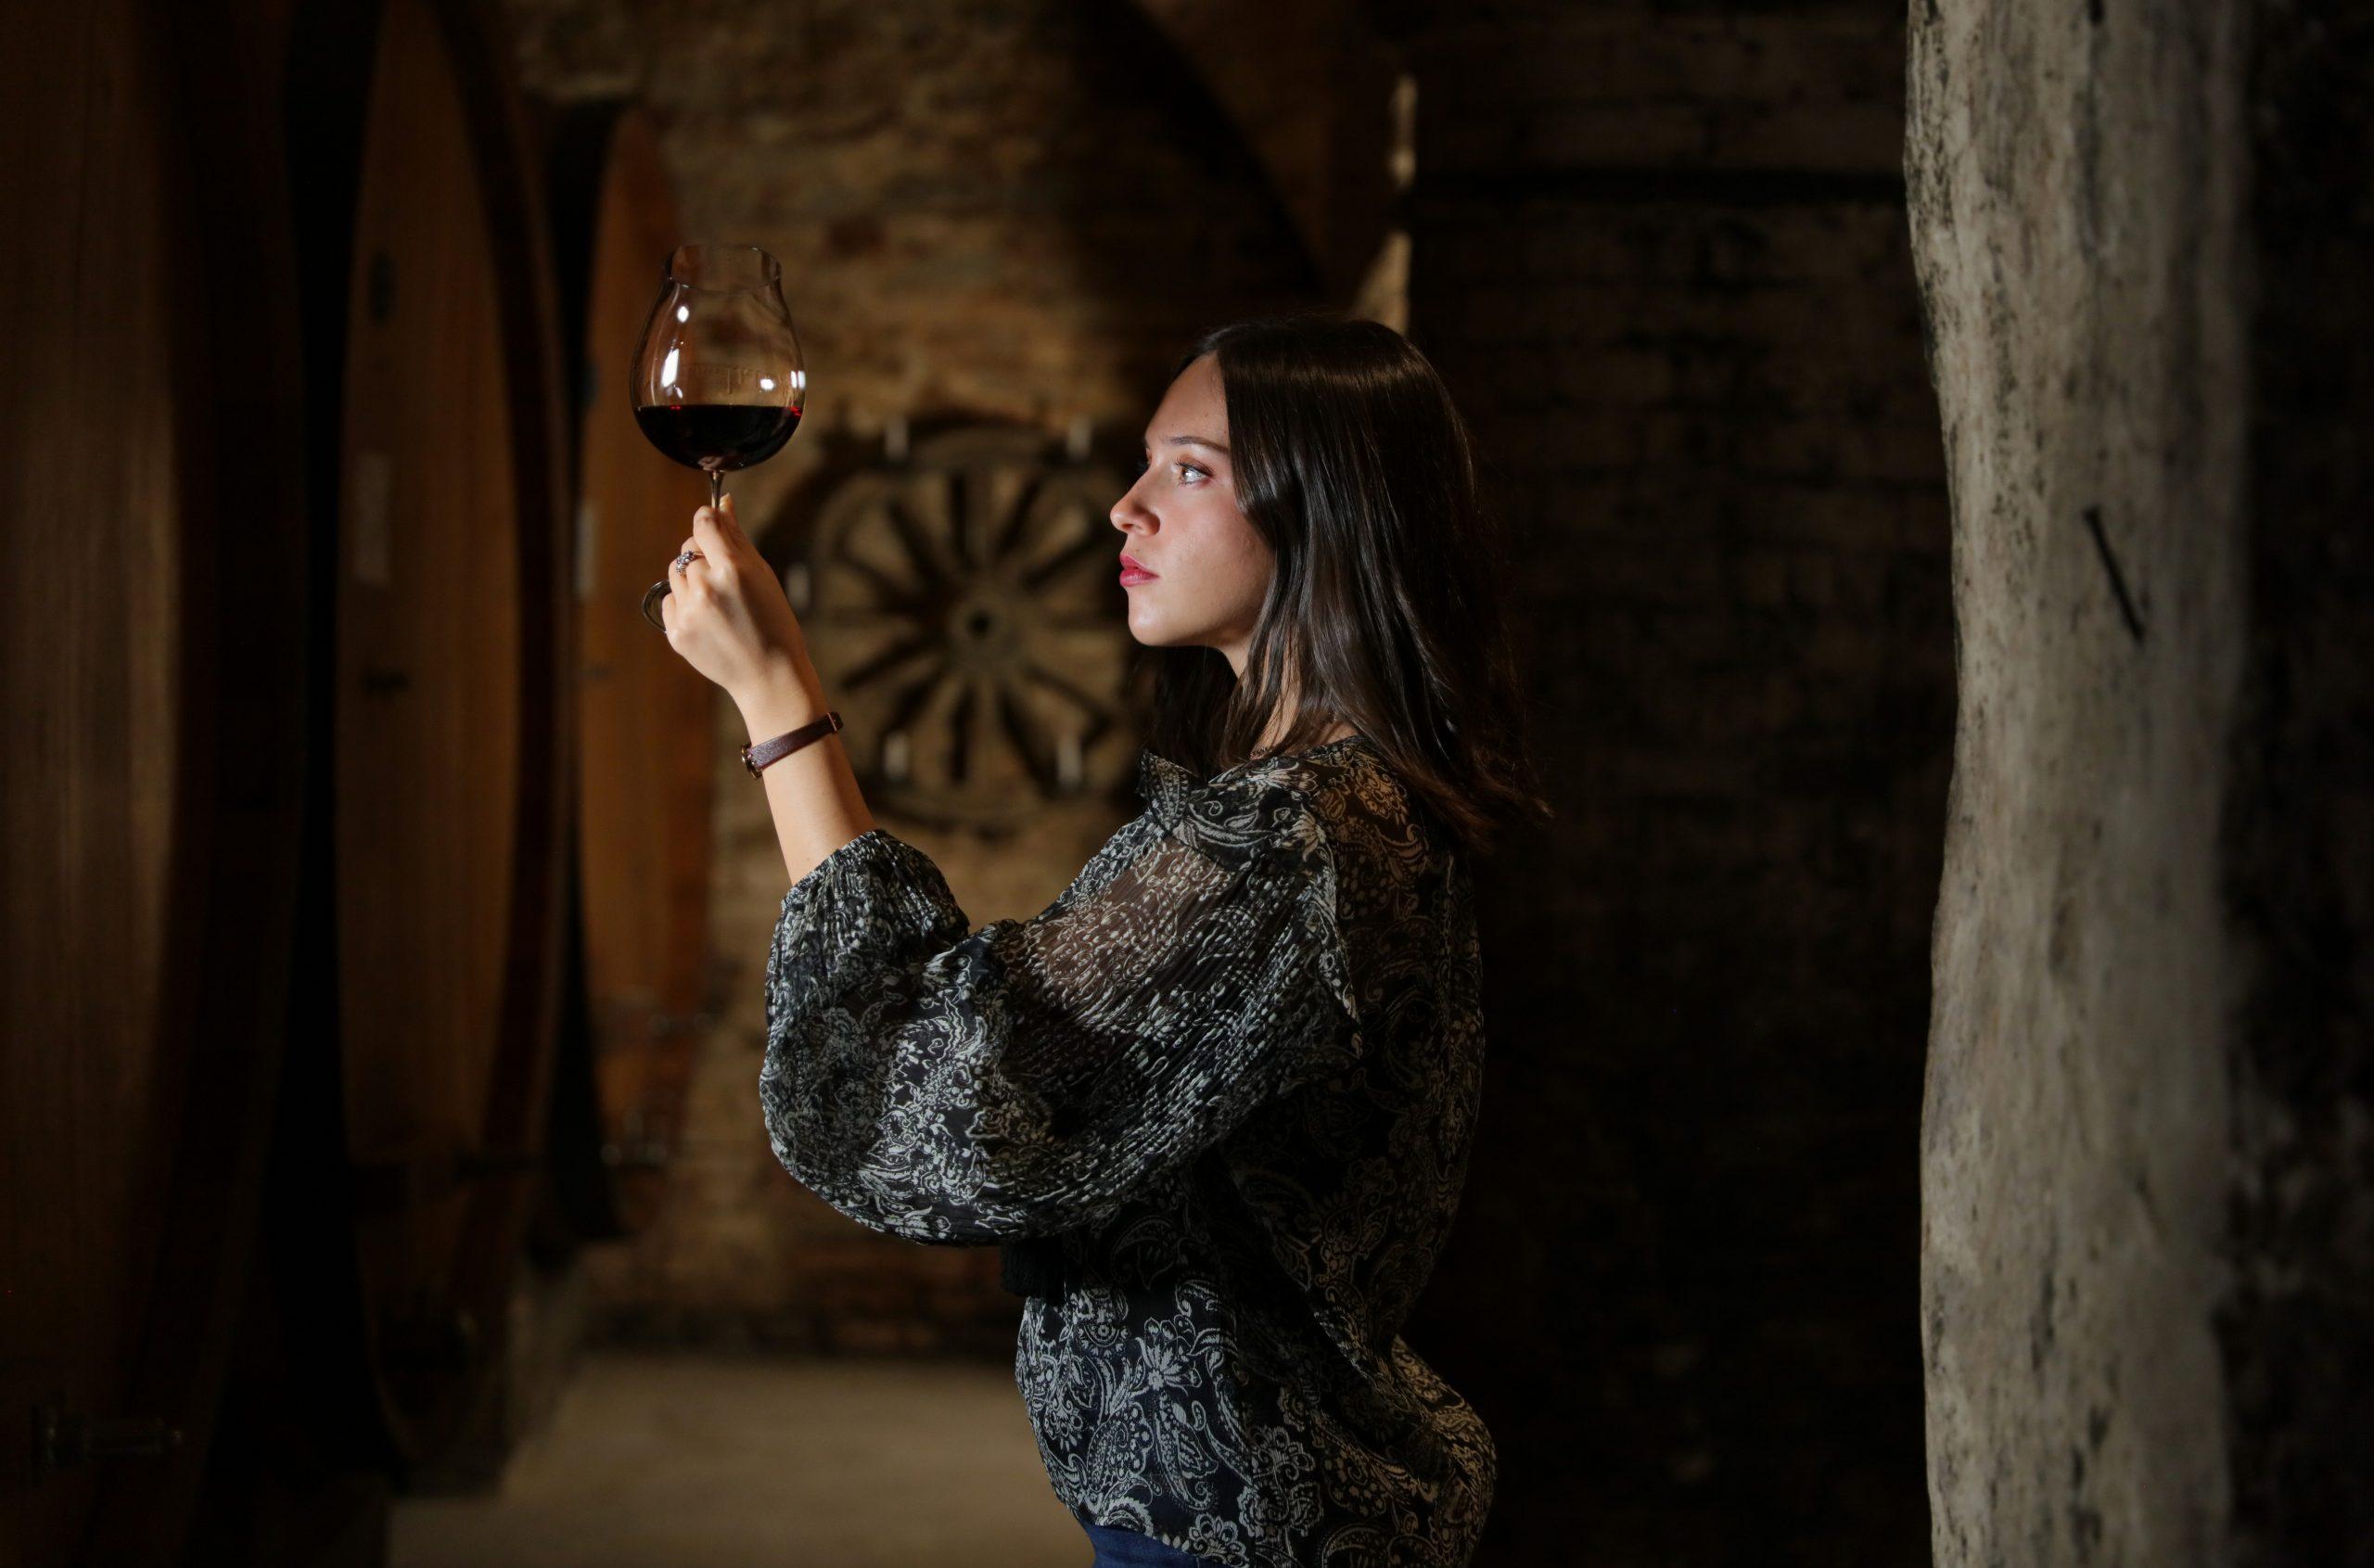 Federica Boffa in the cellar